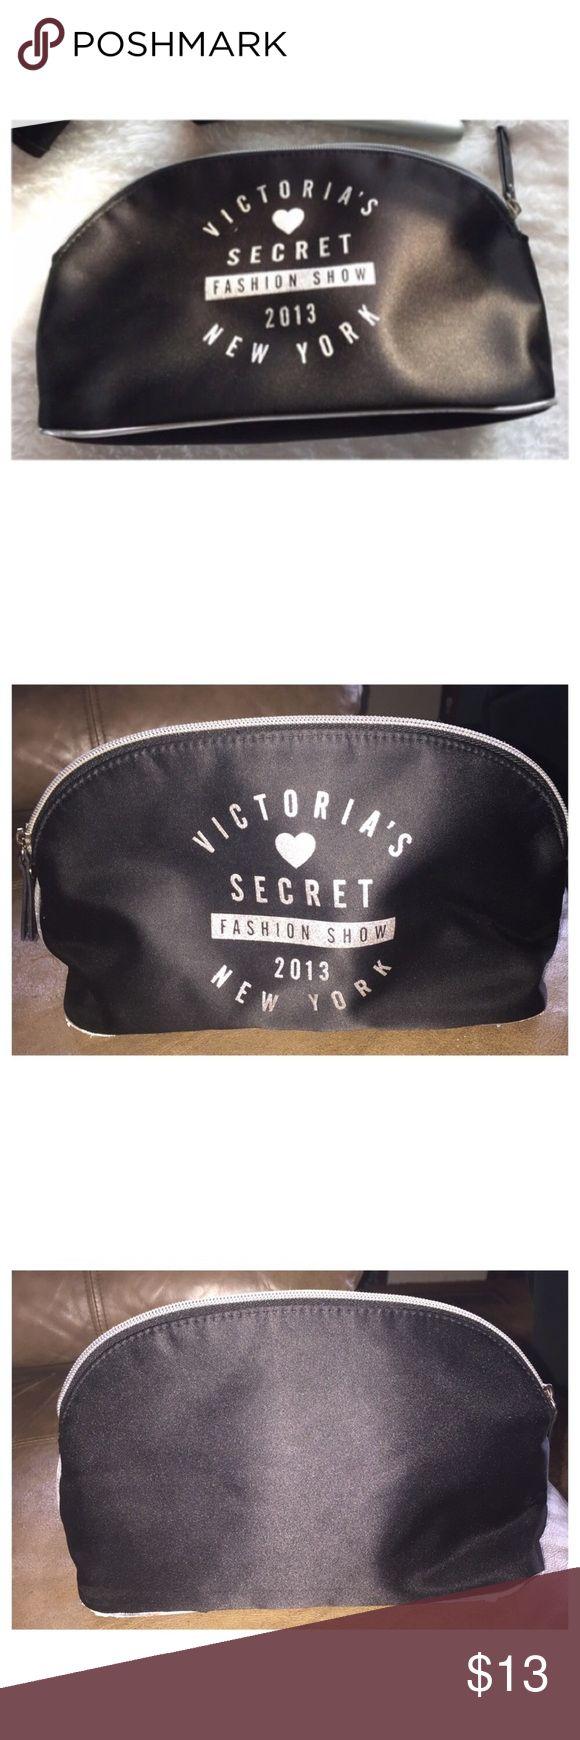 2013 Victoria Secret Bag